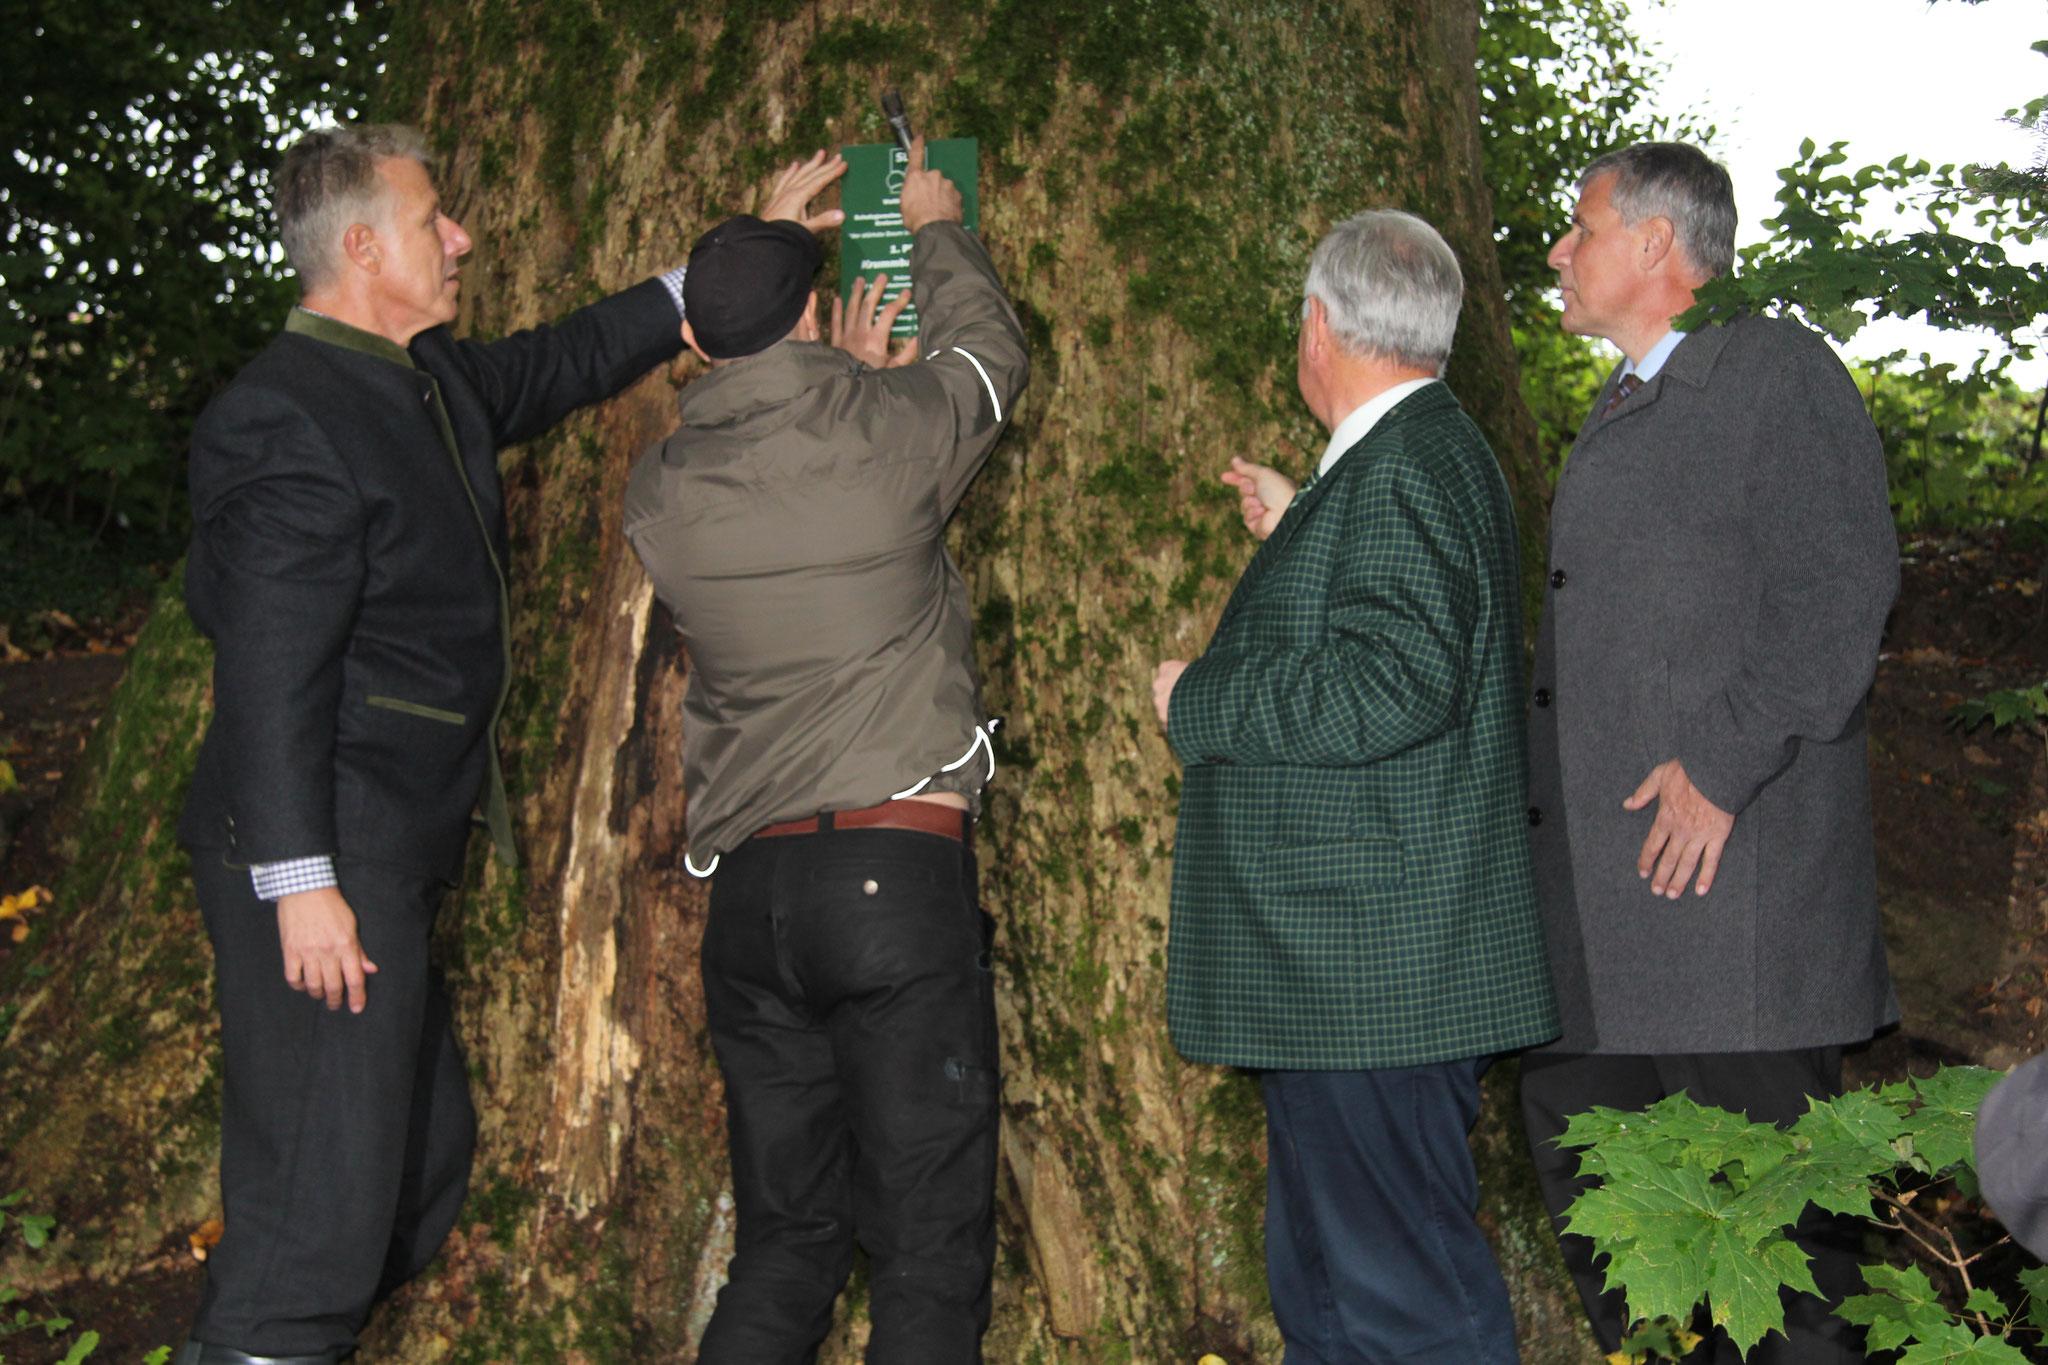 """Anbringung der Hinweistafel an den """"Siegerbaum"""" durch den Studenten der die Gesamtbewertung aller zur Verleihung ermittelten Bäume vornahm"""